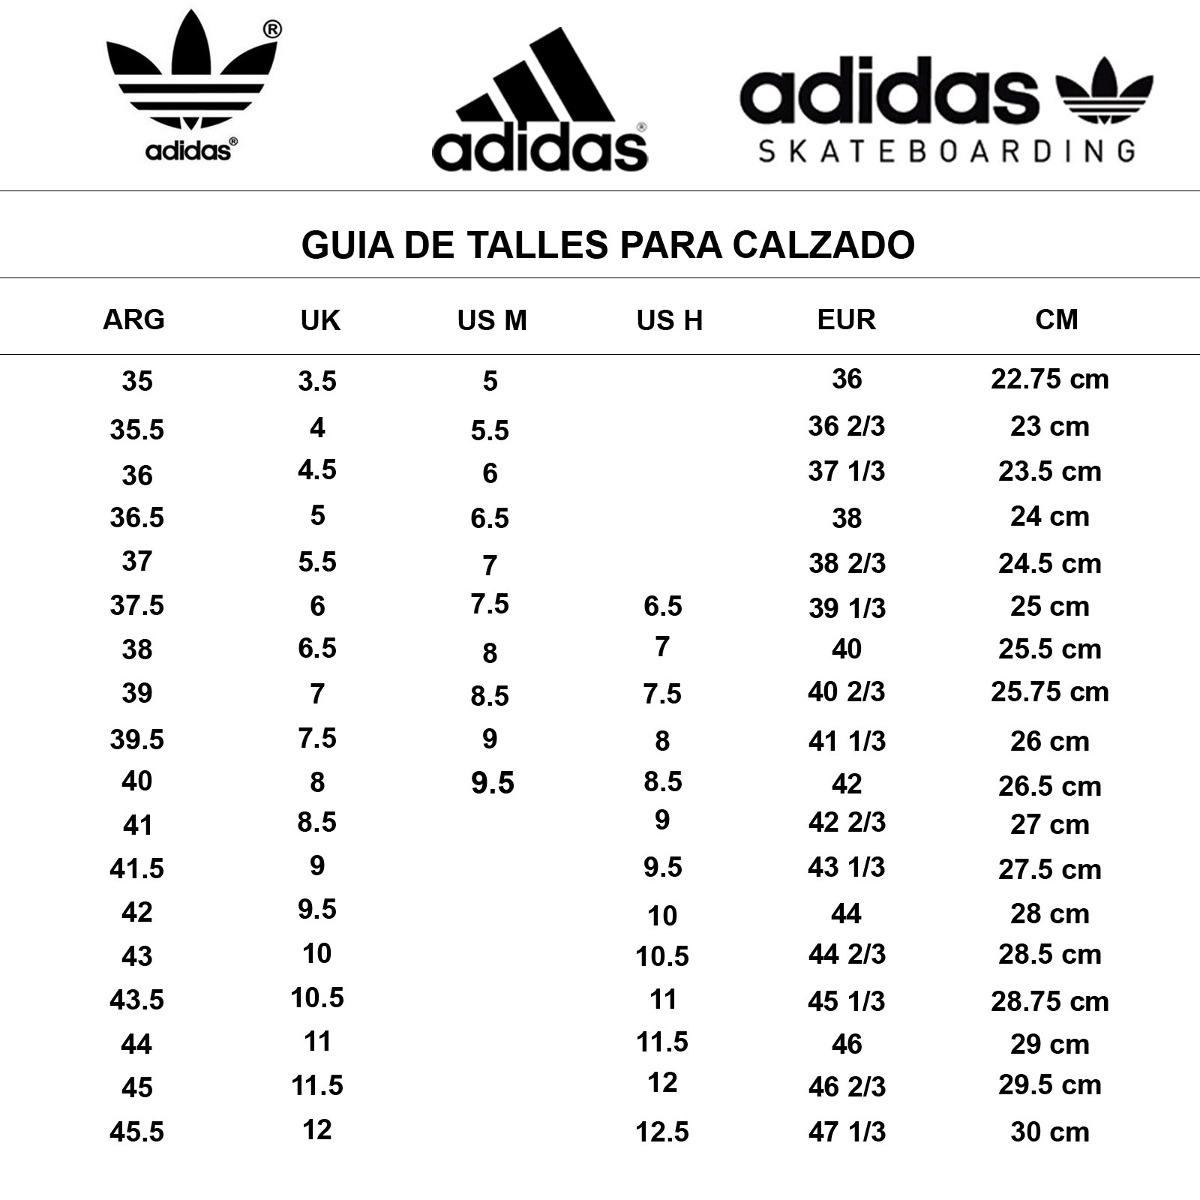 zapatillas uk argentina tallas zapatillas nike argentina